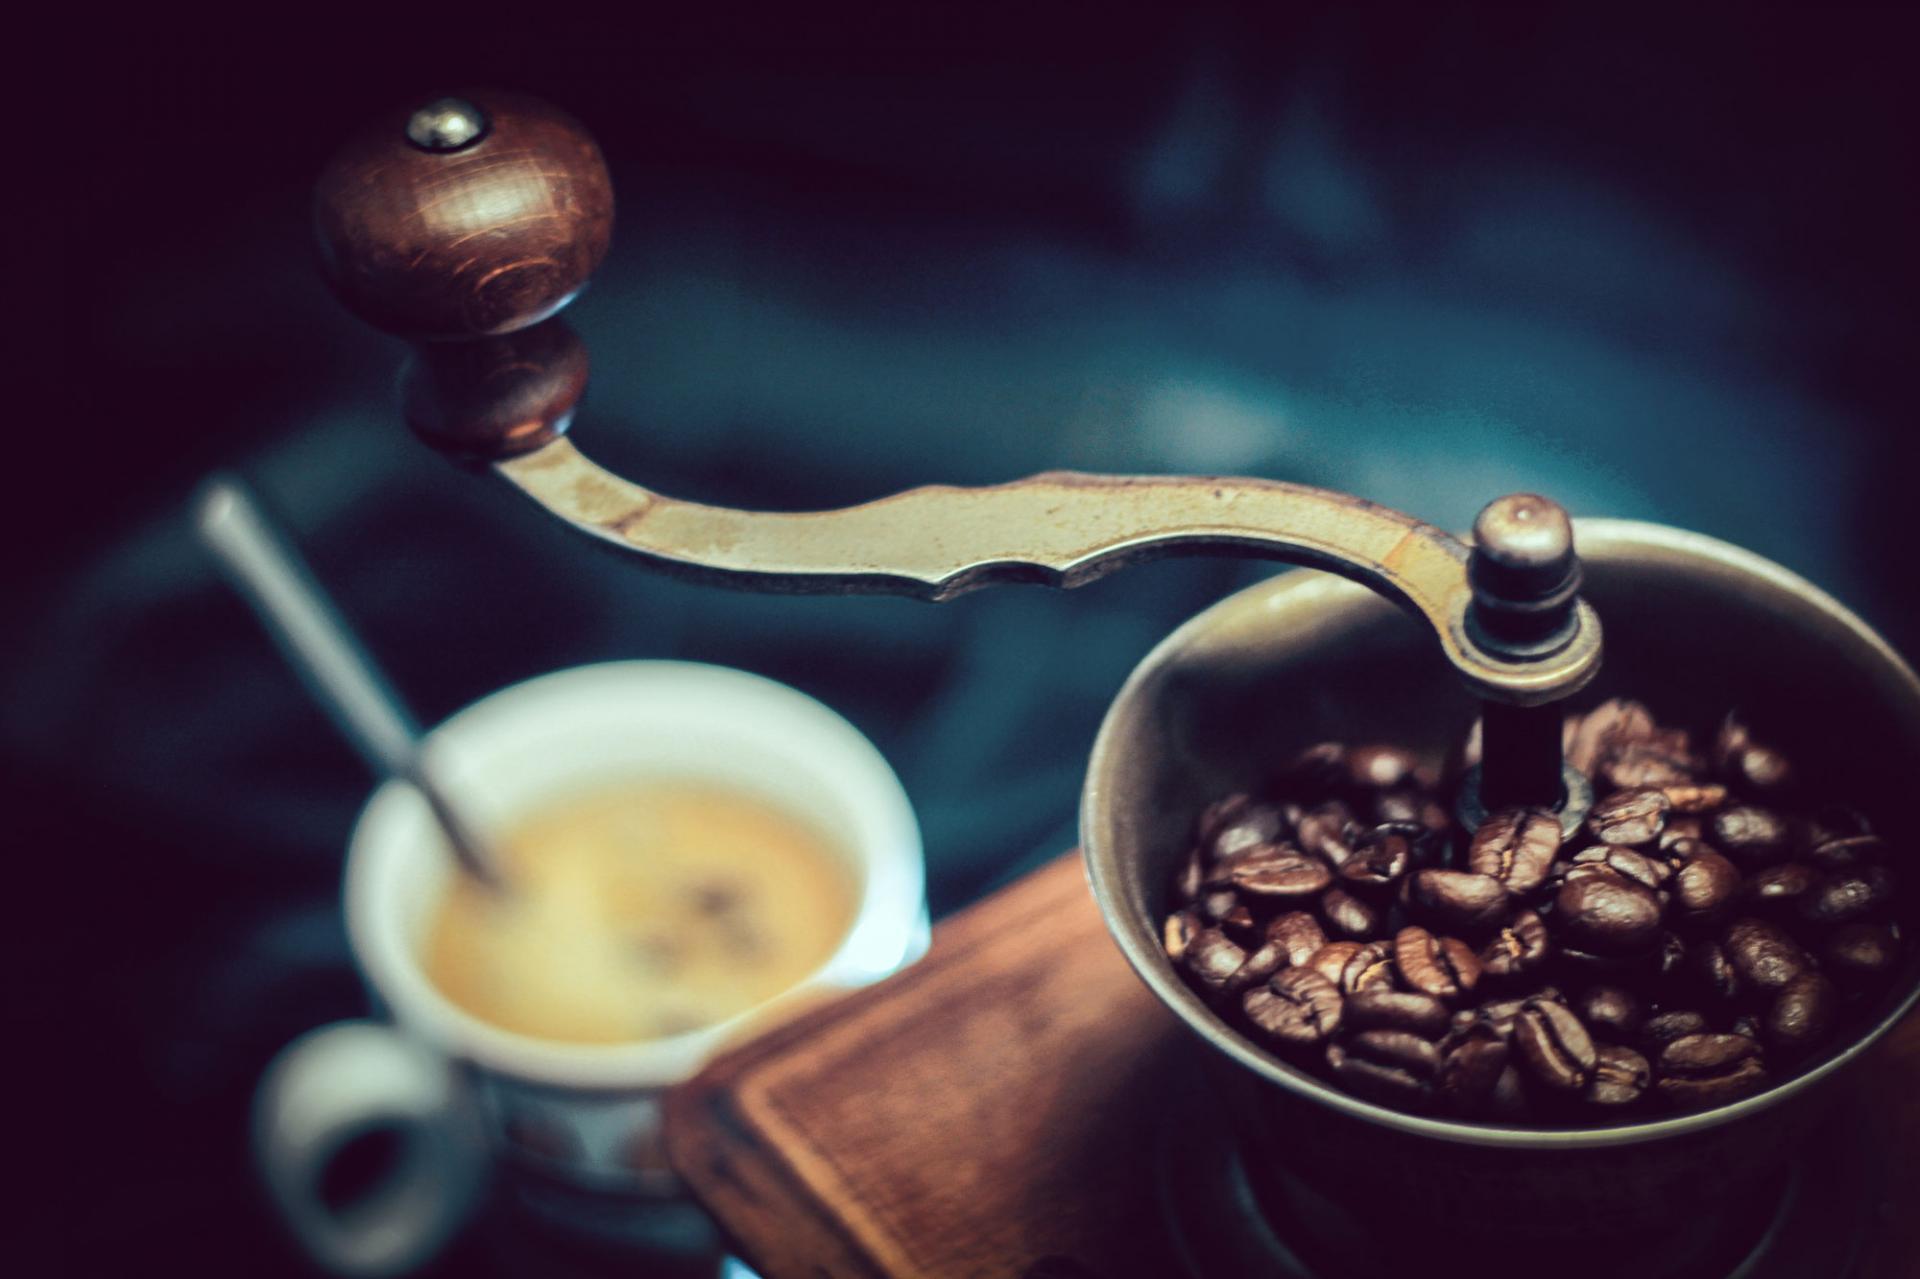 Кофе, чай или энергетик: выбираем лучший допинг для водителя